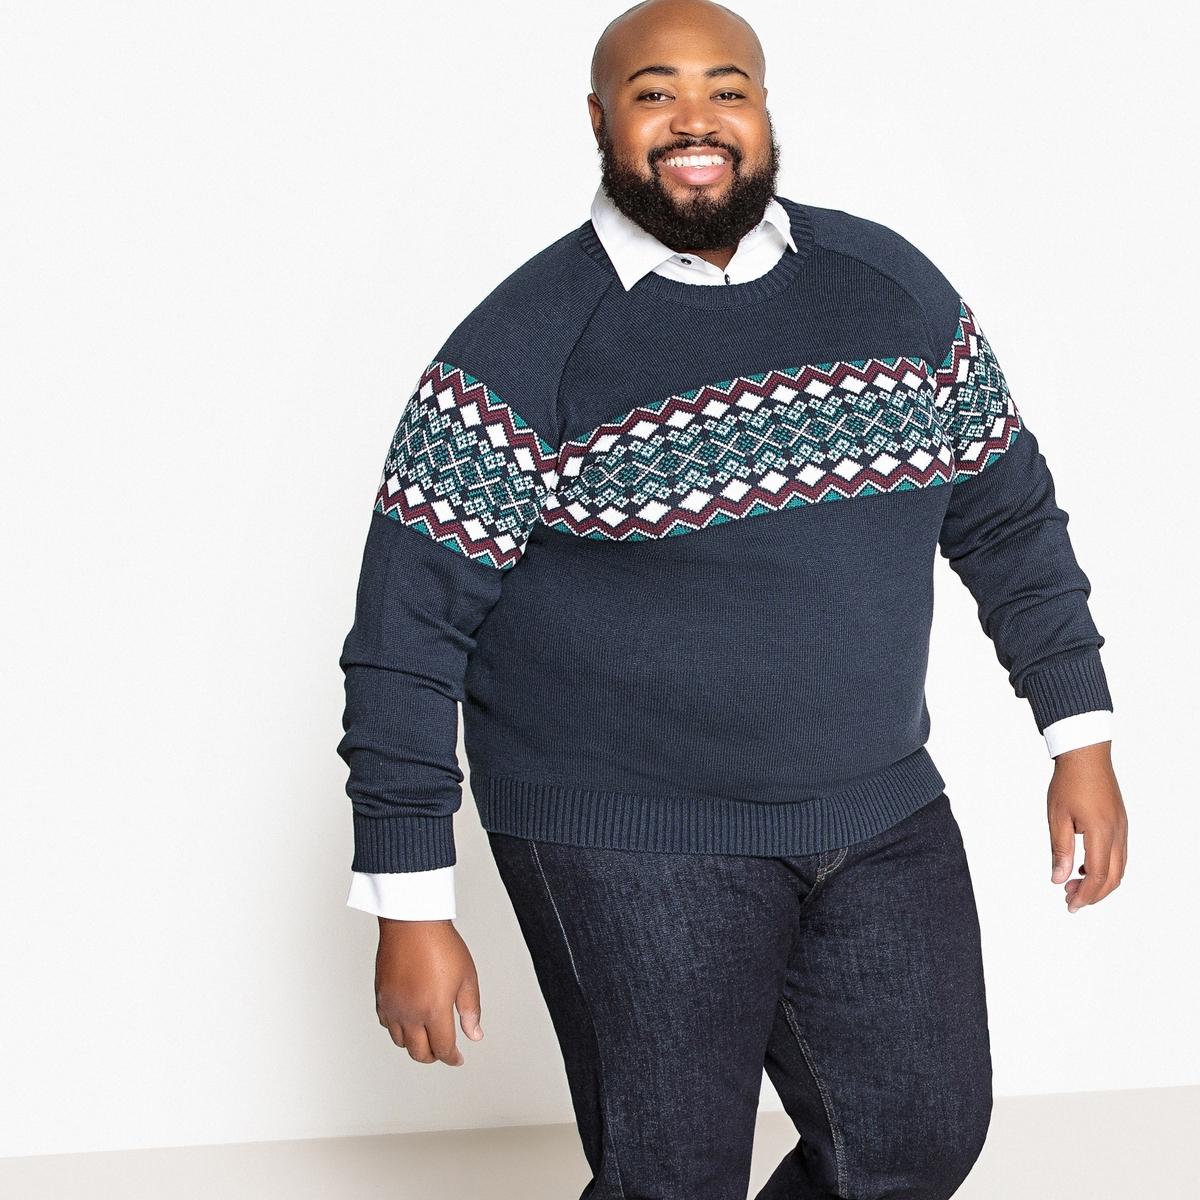 Пуловер жаккардовый из коллекции больших размеров с круглым вырезом из плотного трикотажа одежда больших размеров 2015 mm 200